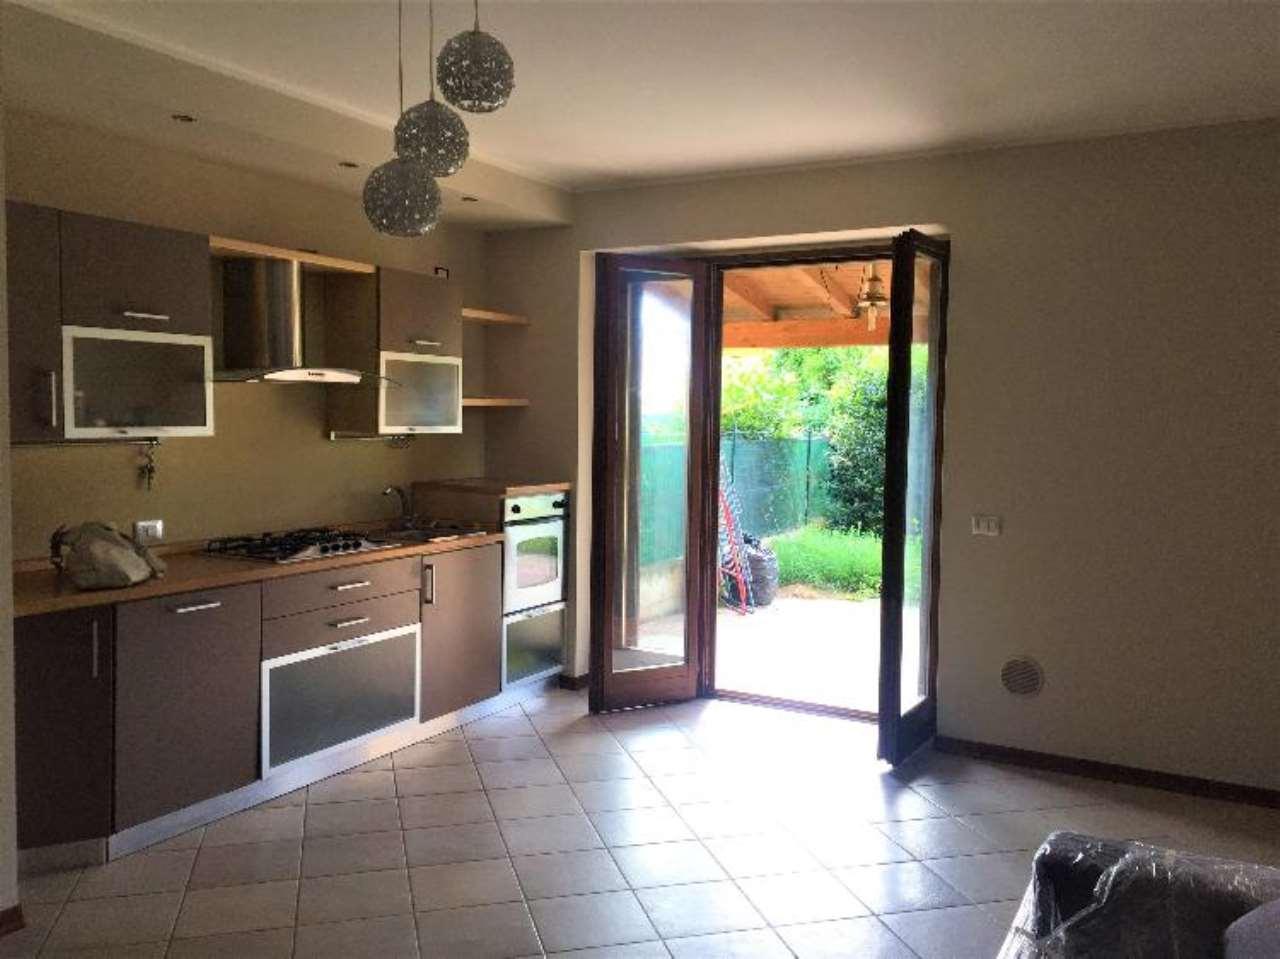 Appartamento in vendita a Sospiro, 3 locali, prezzo € 88.000 | CambioCasa.it